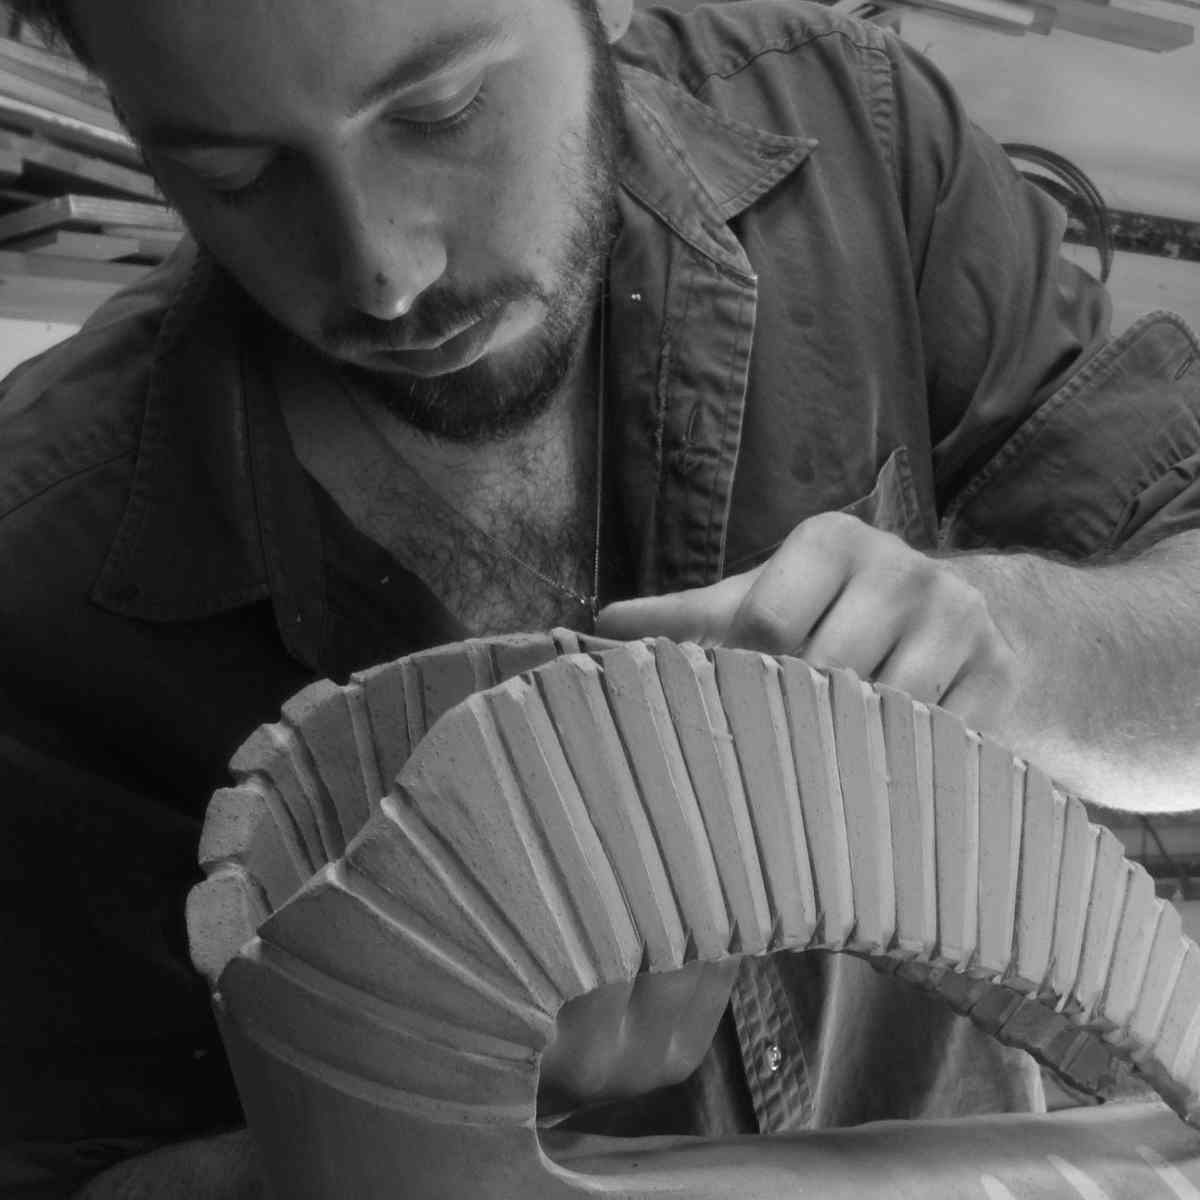 luca-canavicchio-ceramists-borgo-san-lorenzo-firenze-profile